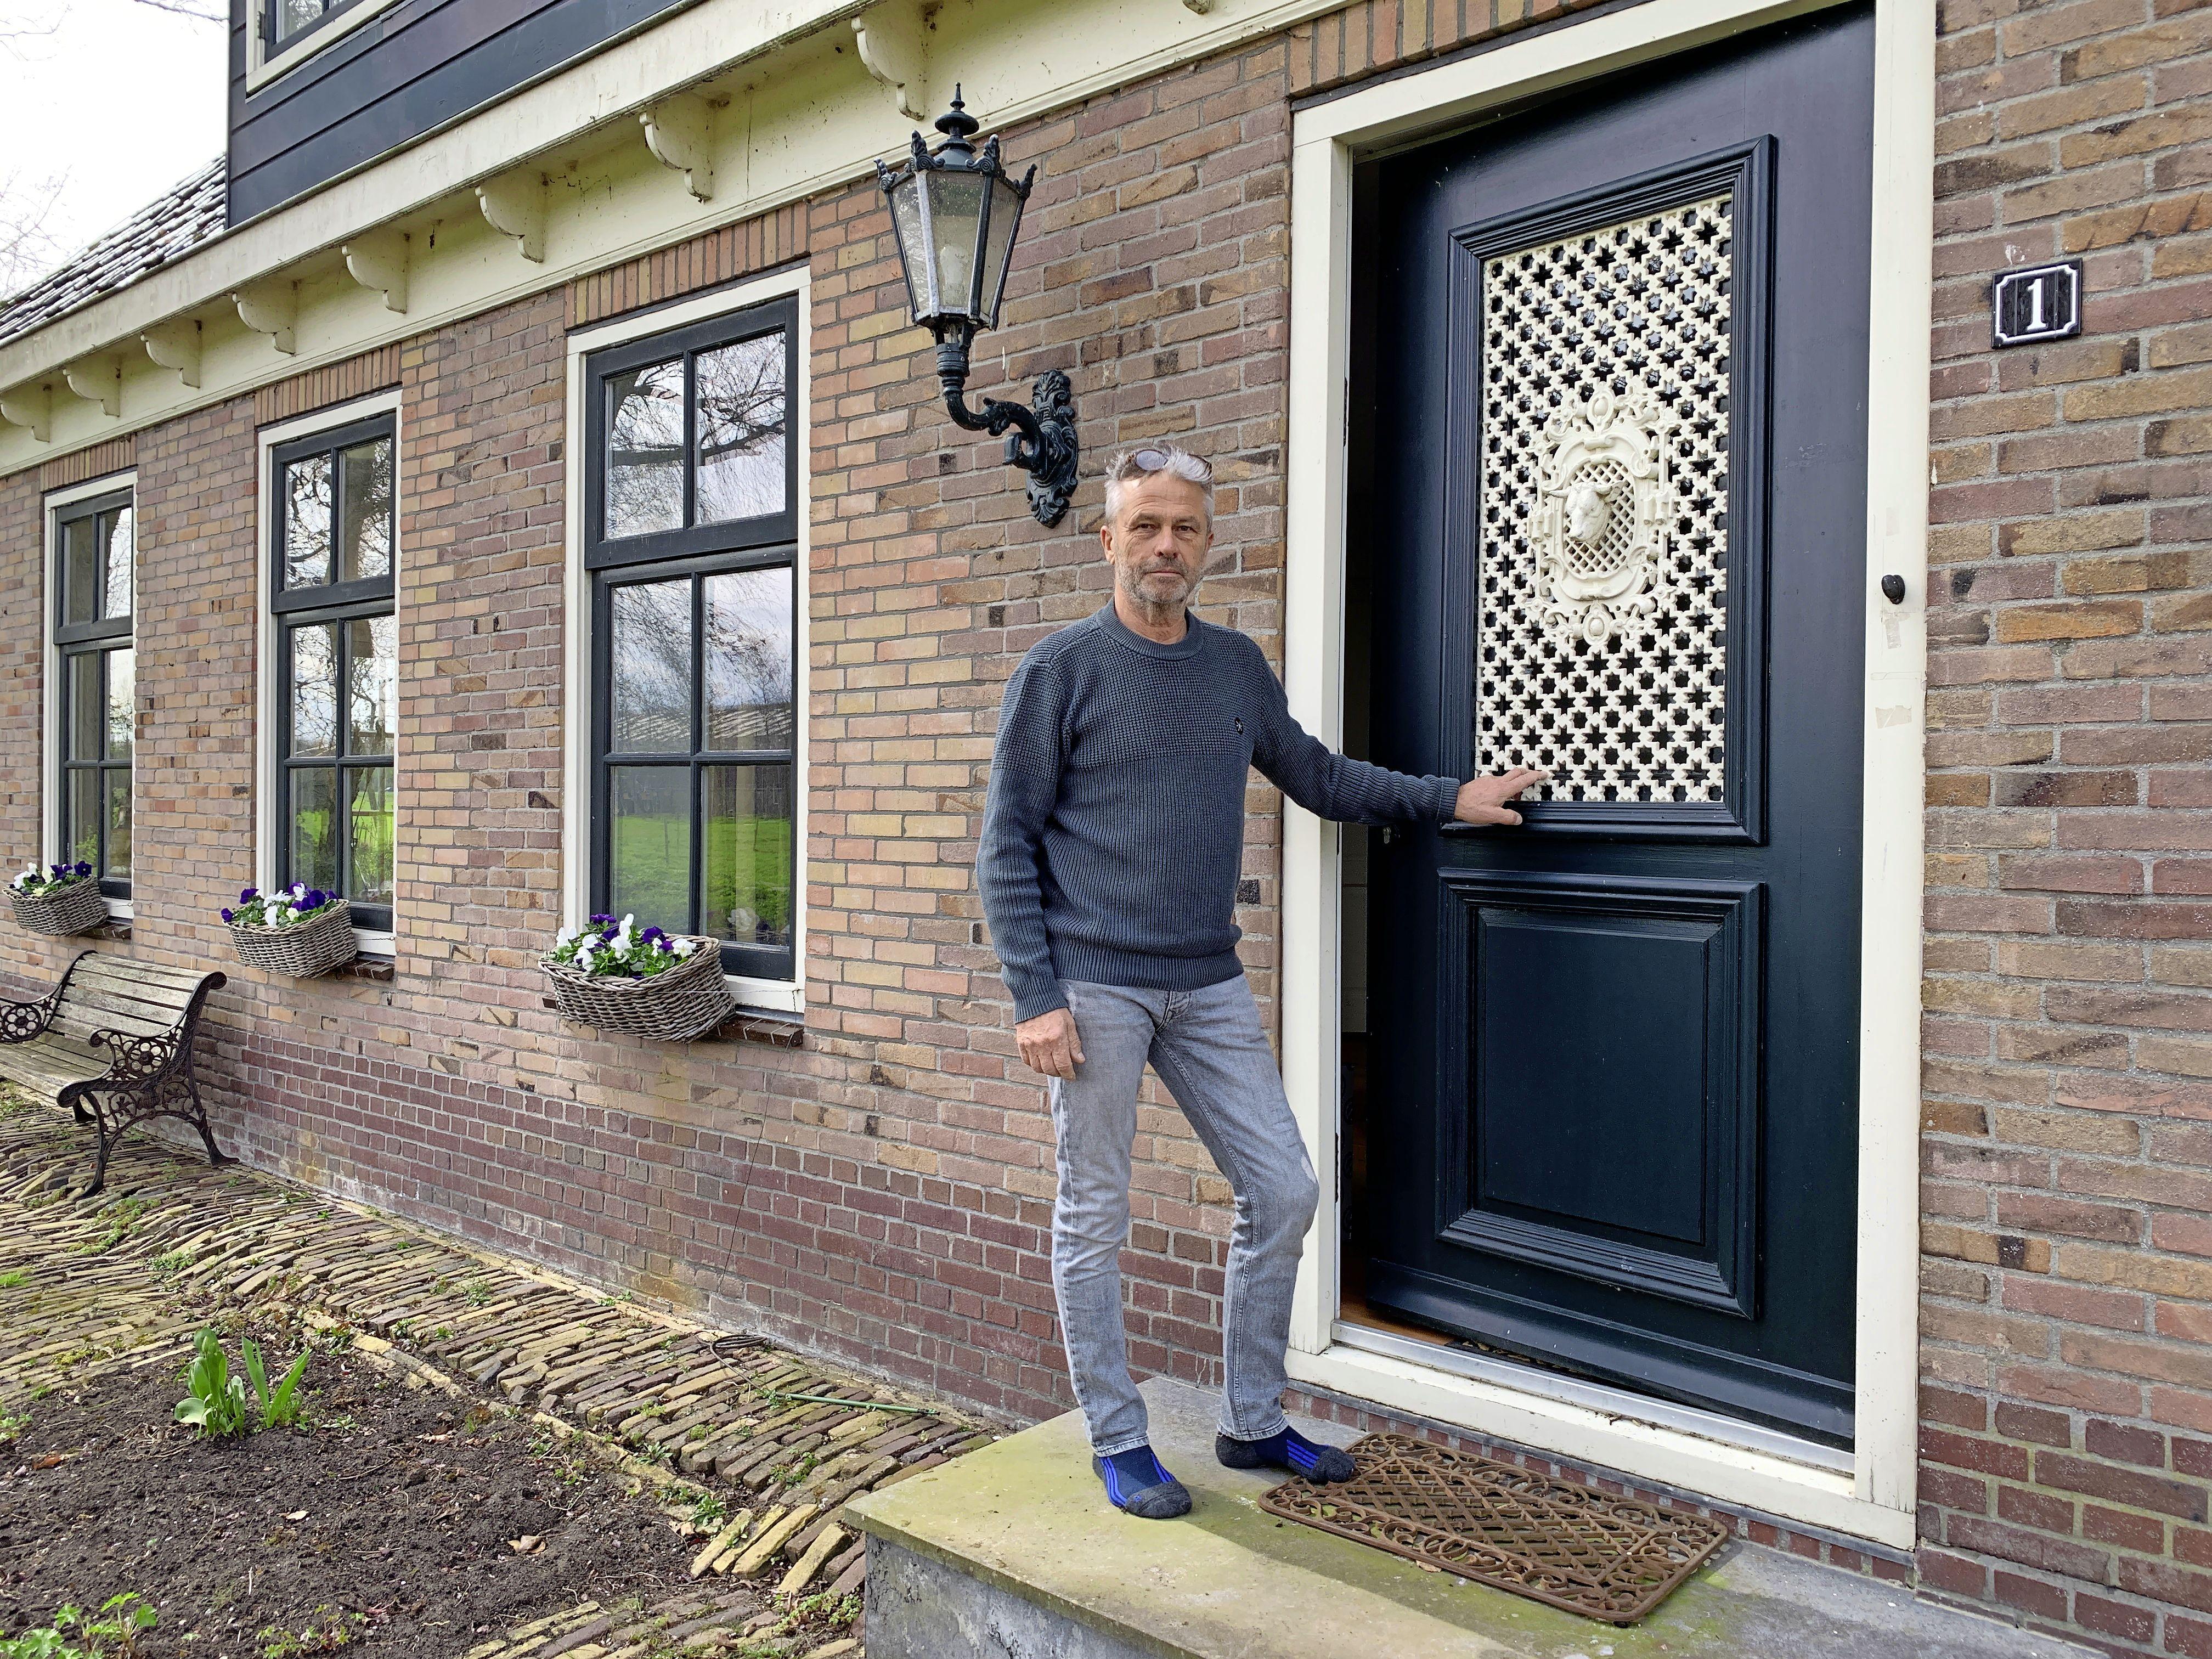 Forse toename aantal peperdure woningen in Zaanstreek-Waterland. In Noordbeemster staat het duurste huis te koop: 'Het is hier heerlijk wonen, lekker rustig'